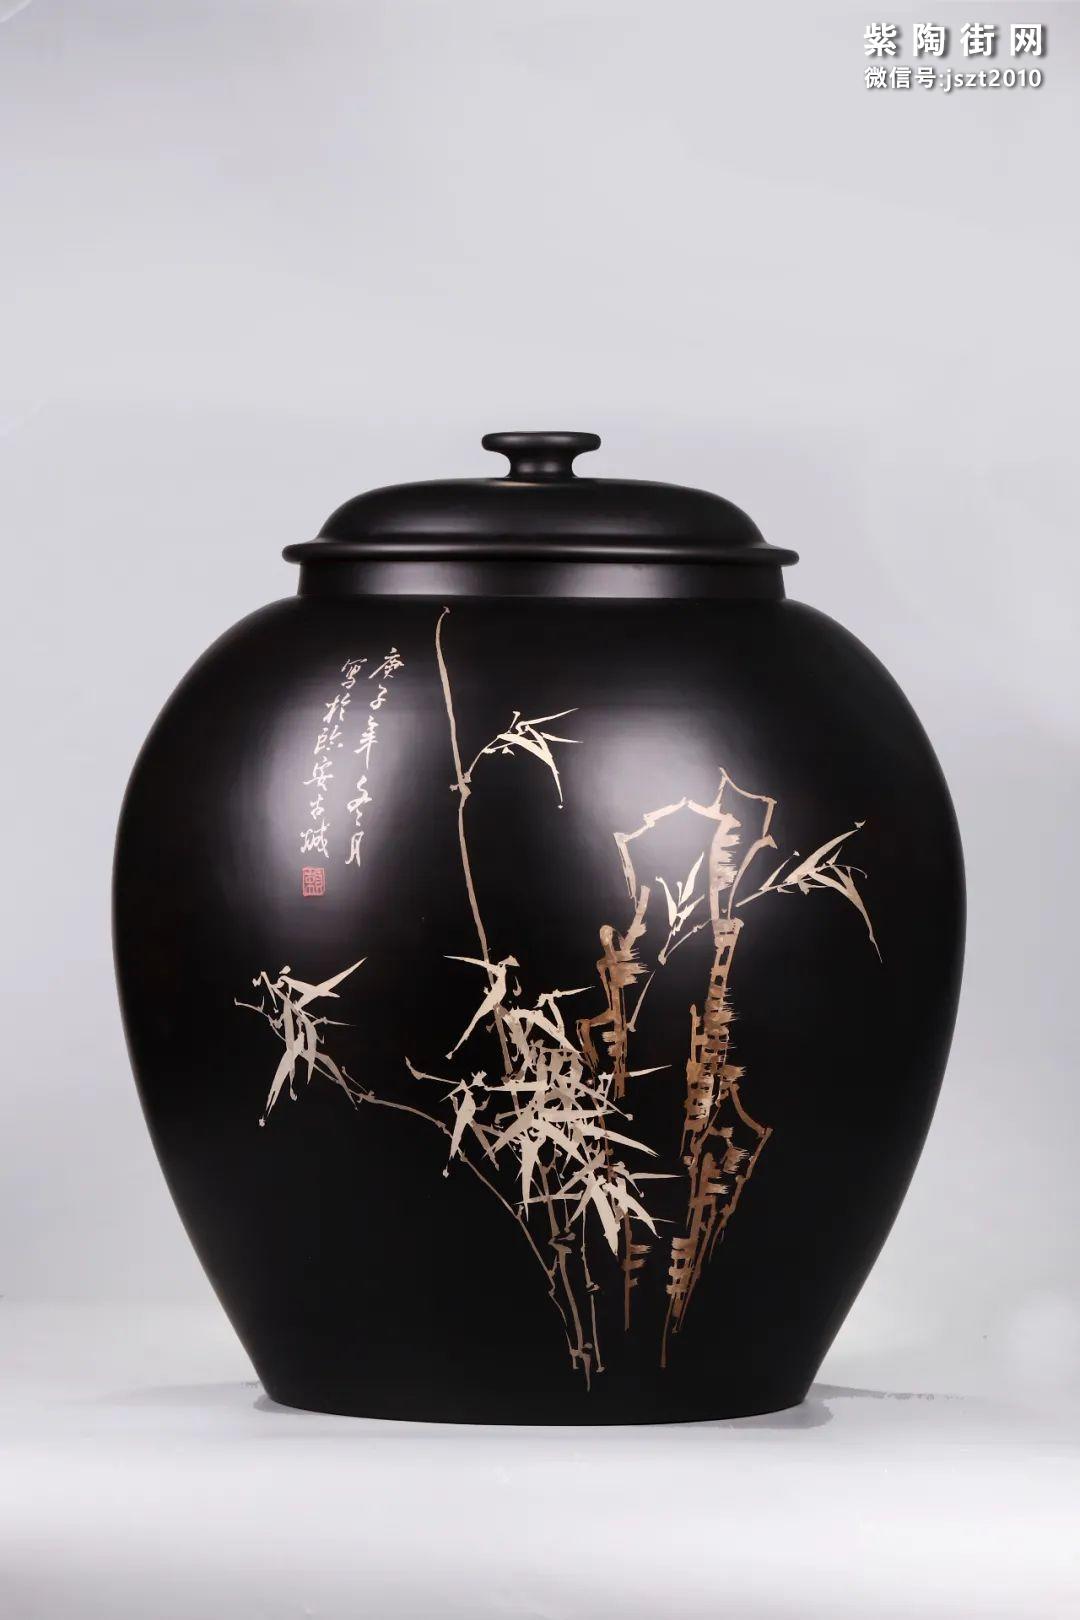 什么样的建水紫陶茶缸好?插图26